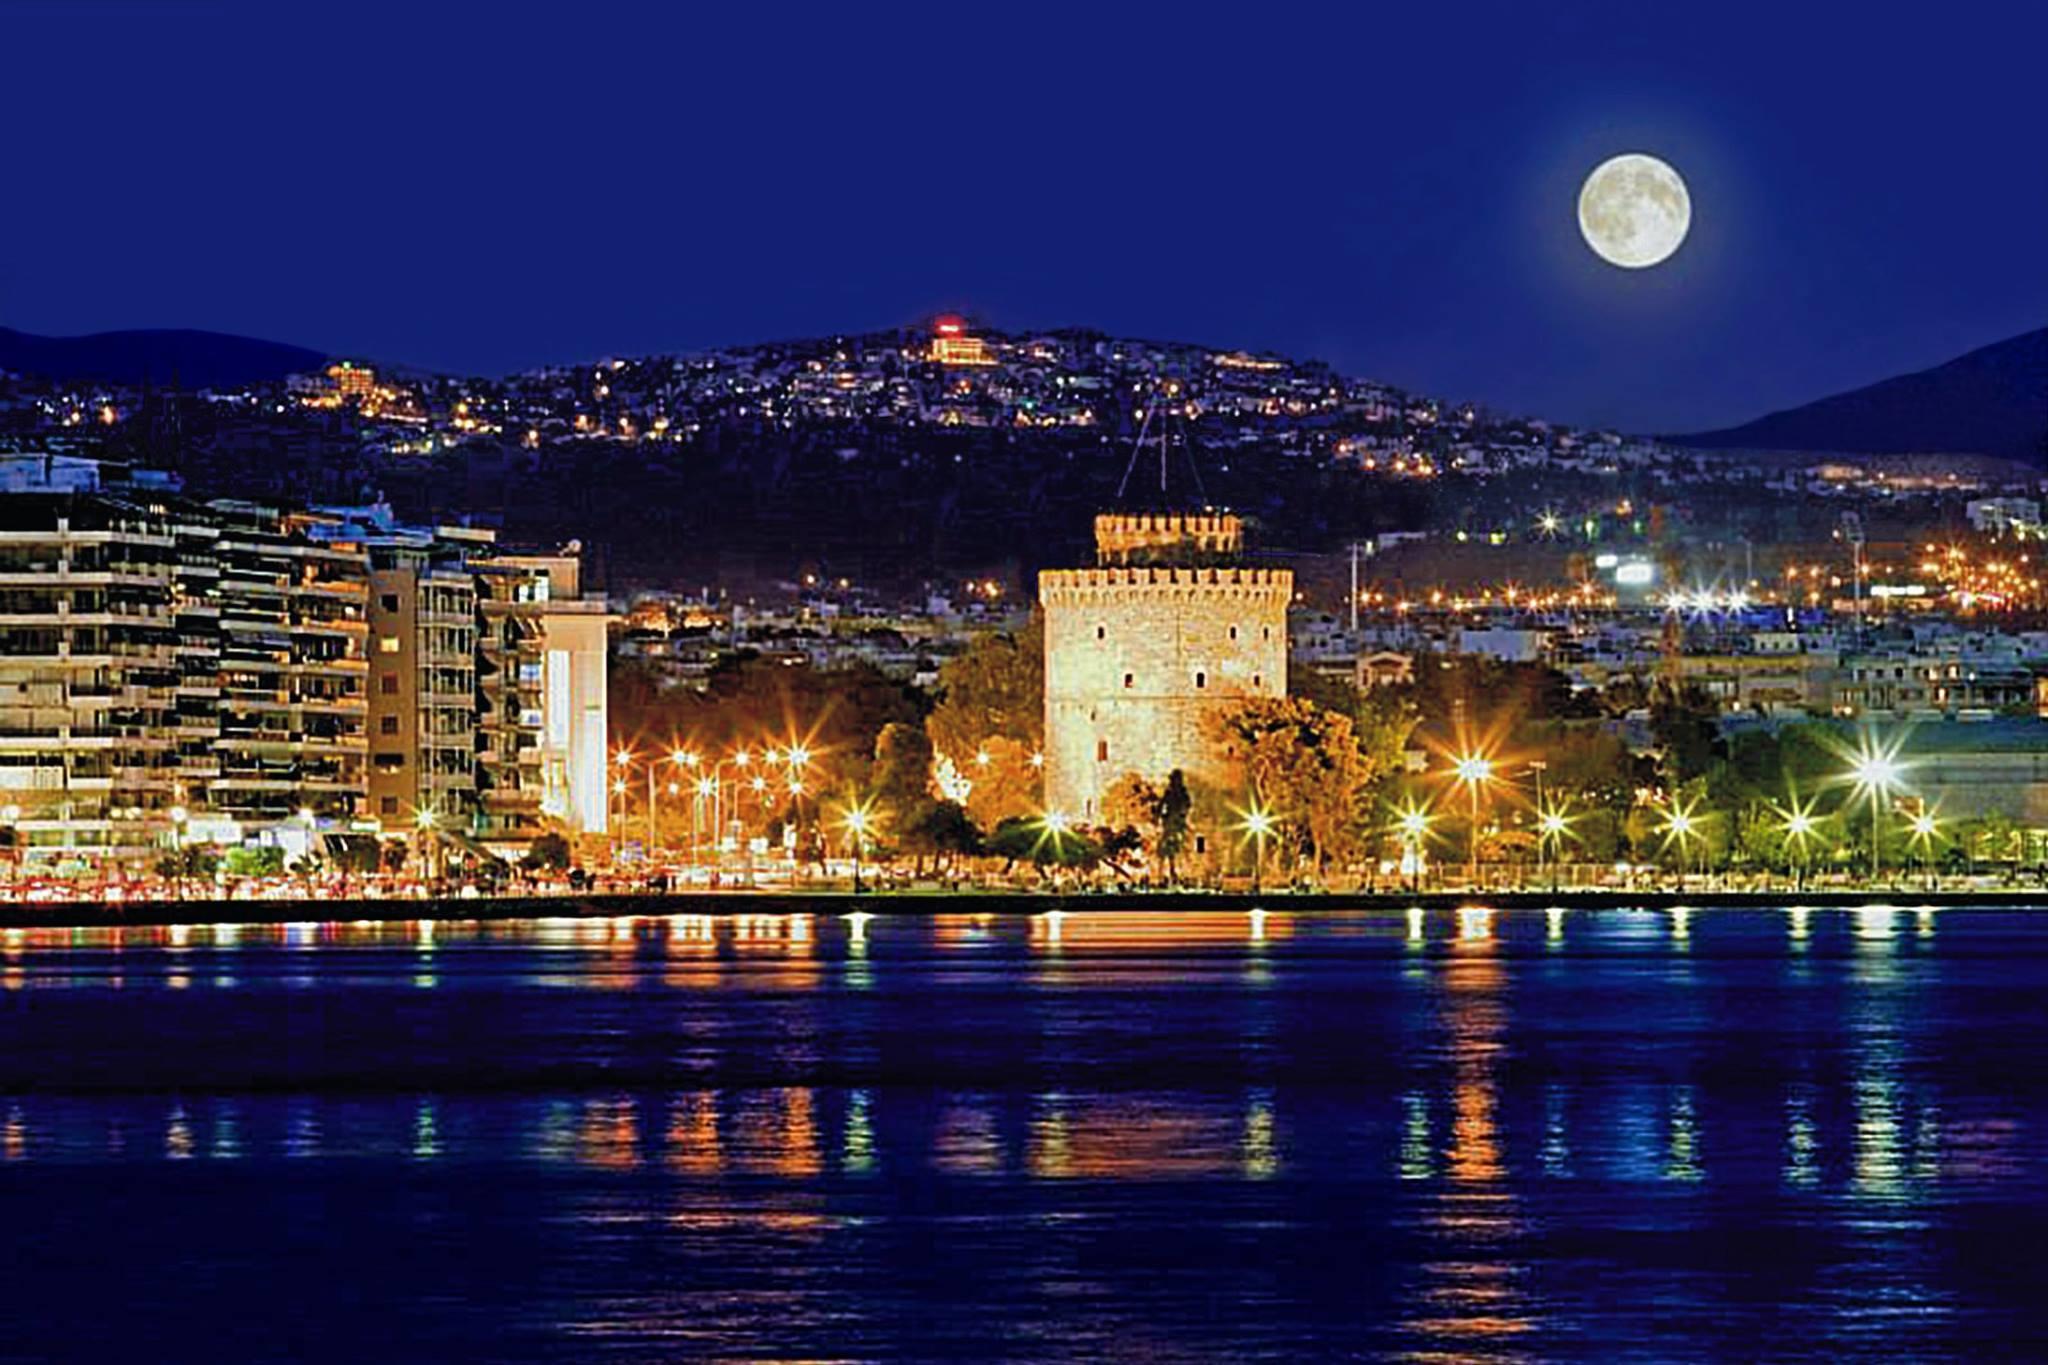 Περιήγηση στην Θεσσαλονίκη Πανοραμική Θεα